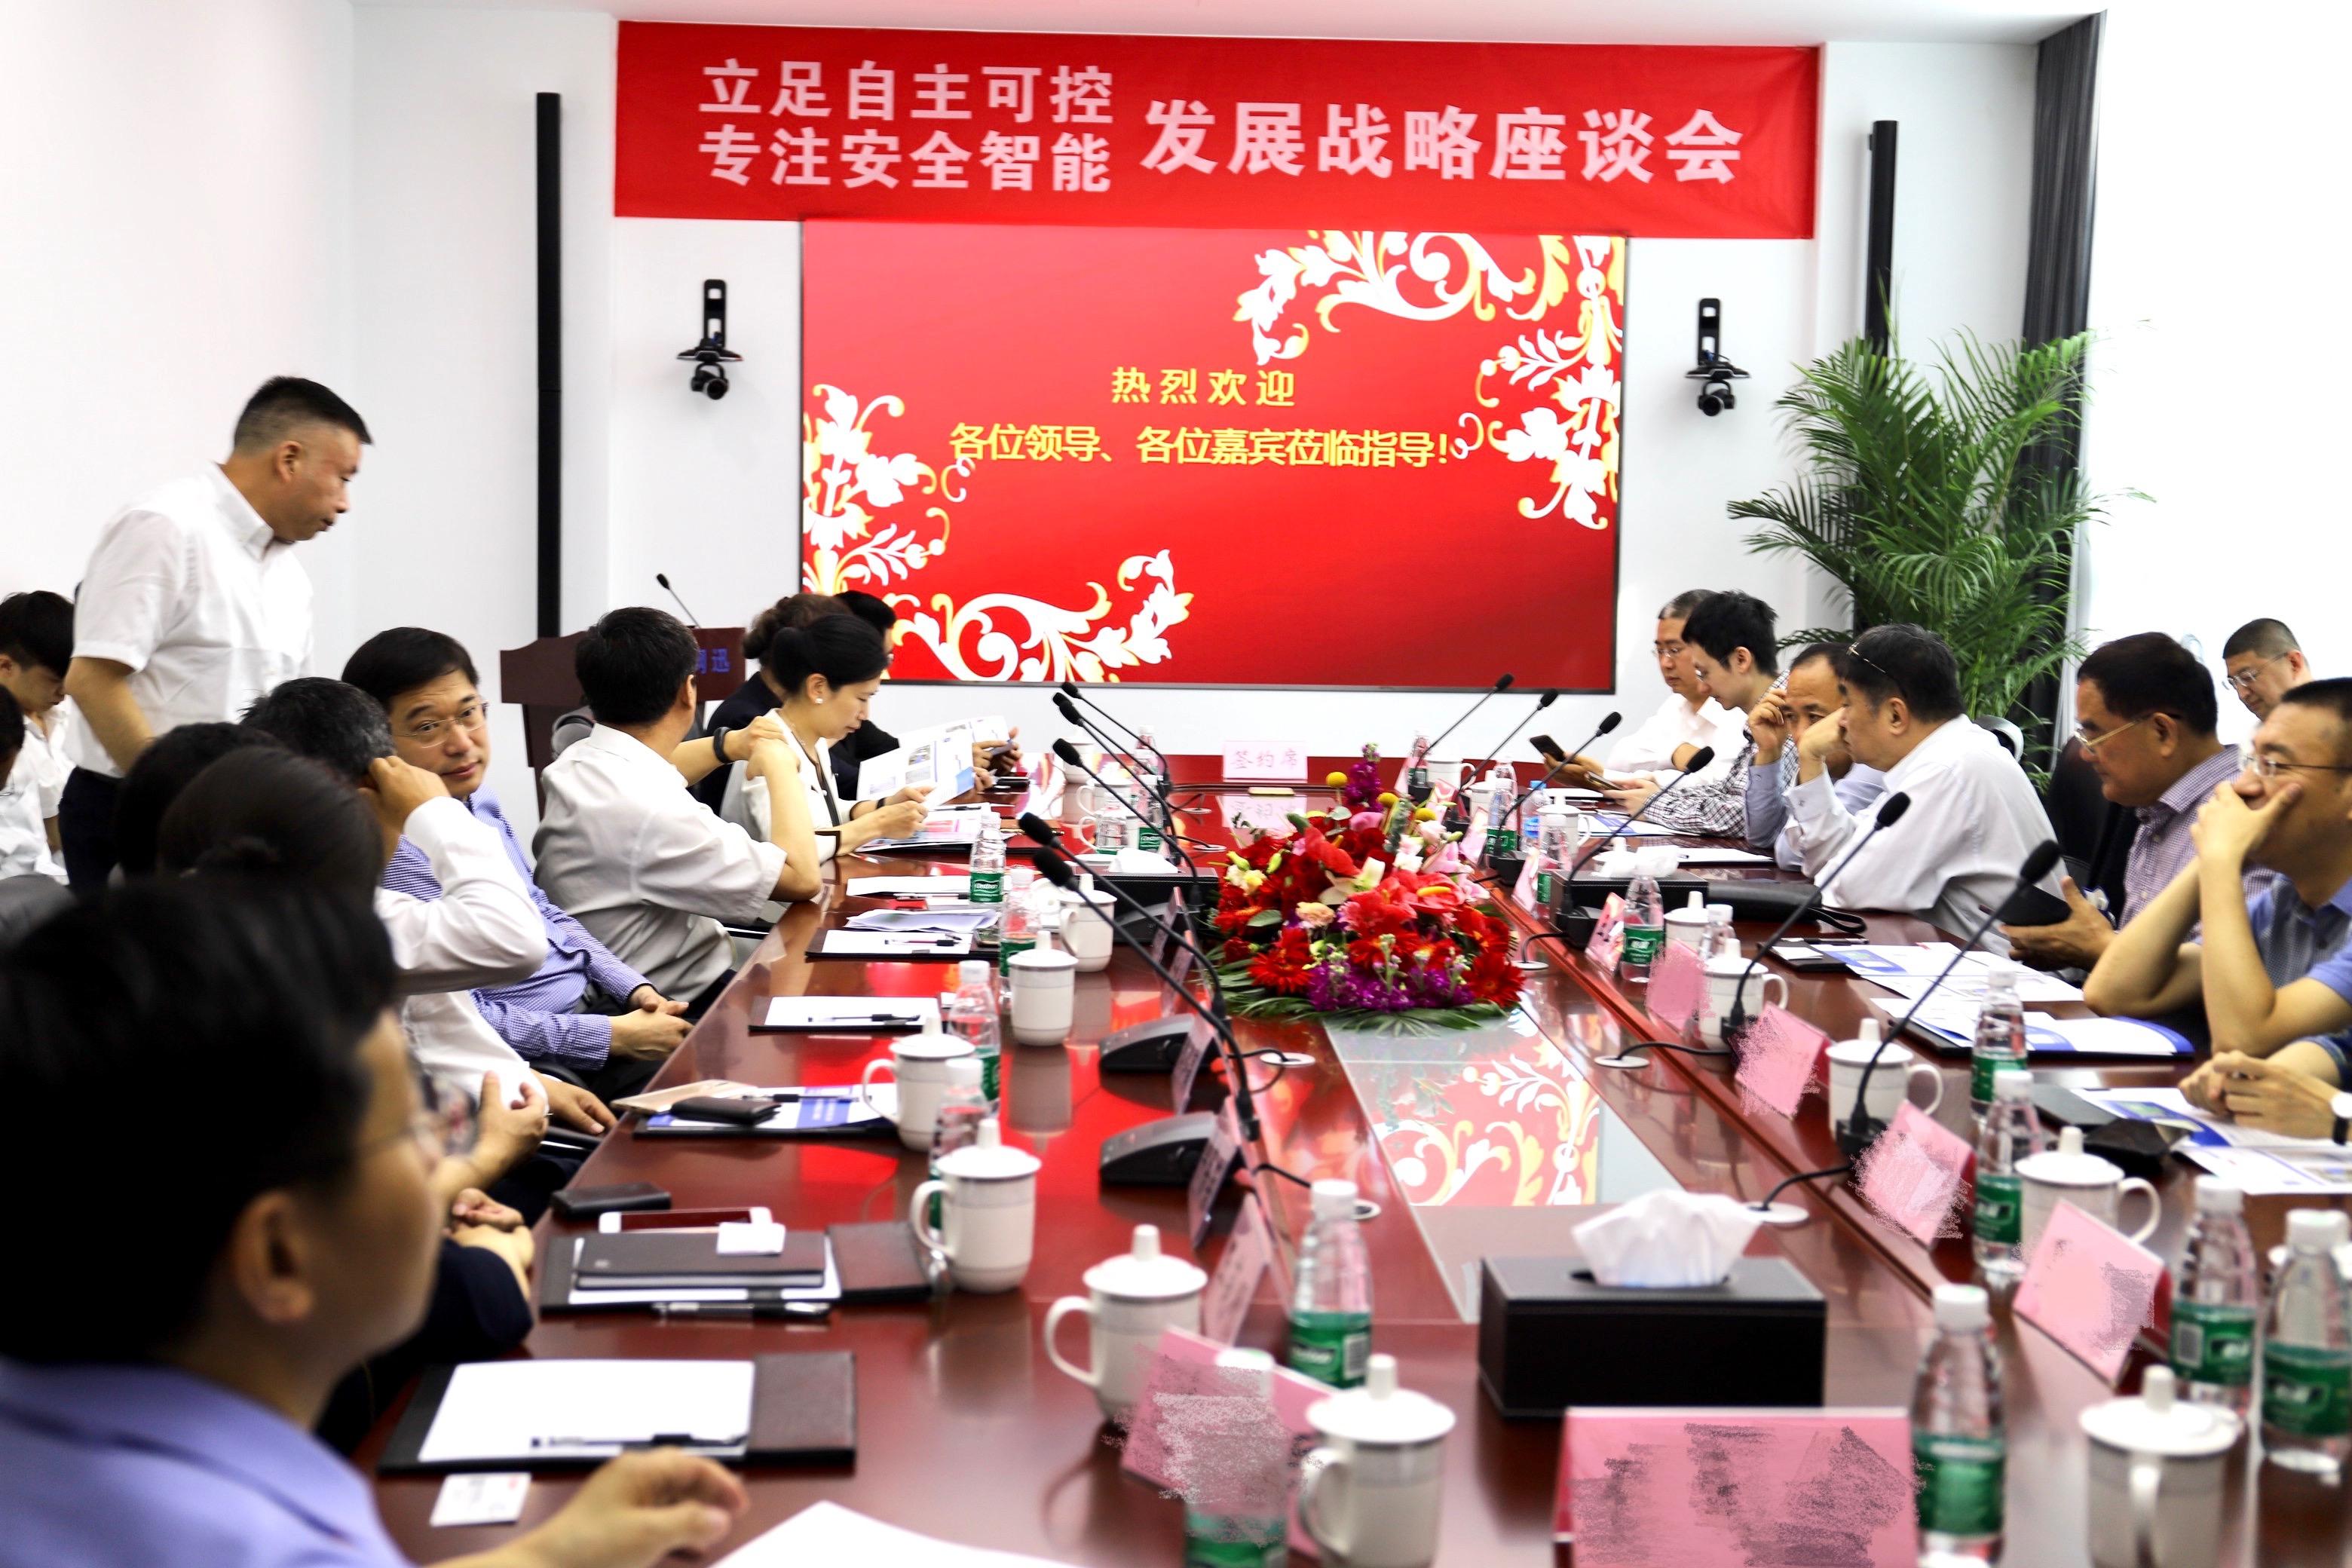 公司北京总部乔迁新址暨发展战略座谈会